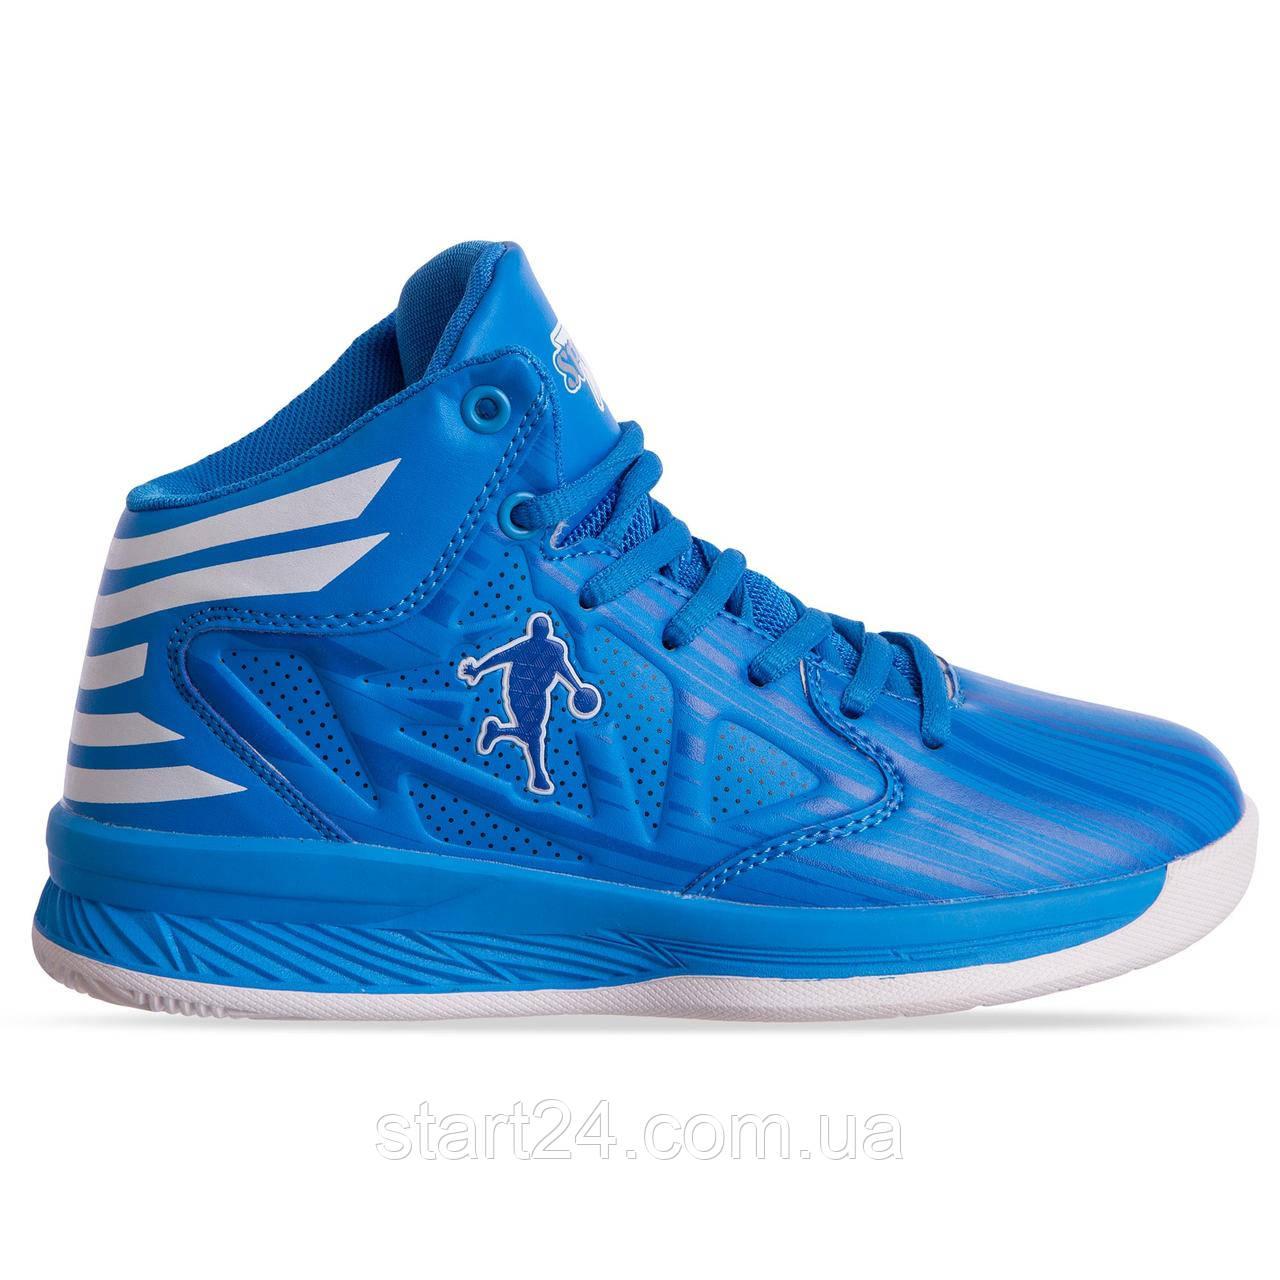 Кросівки баскетбольні Jordan 8603W-1 розмір 36-40 синій-білий